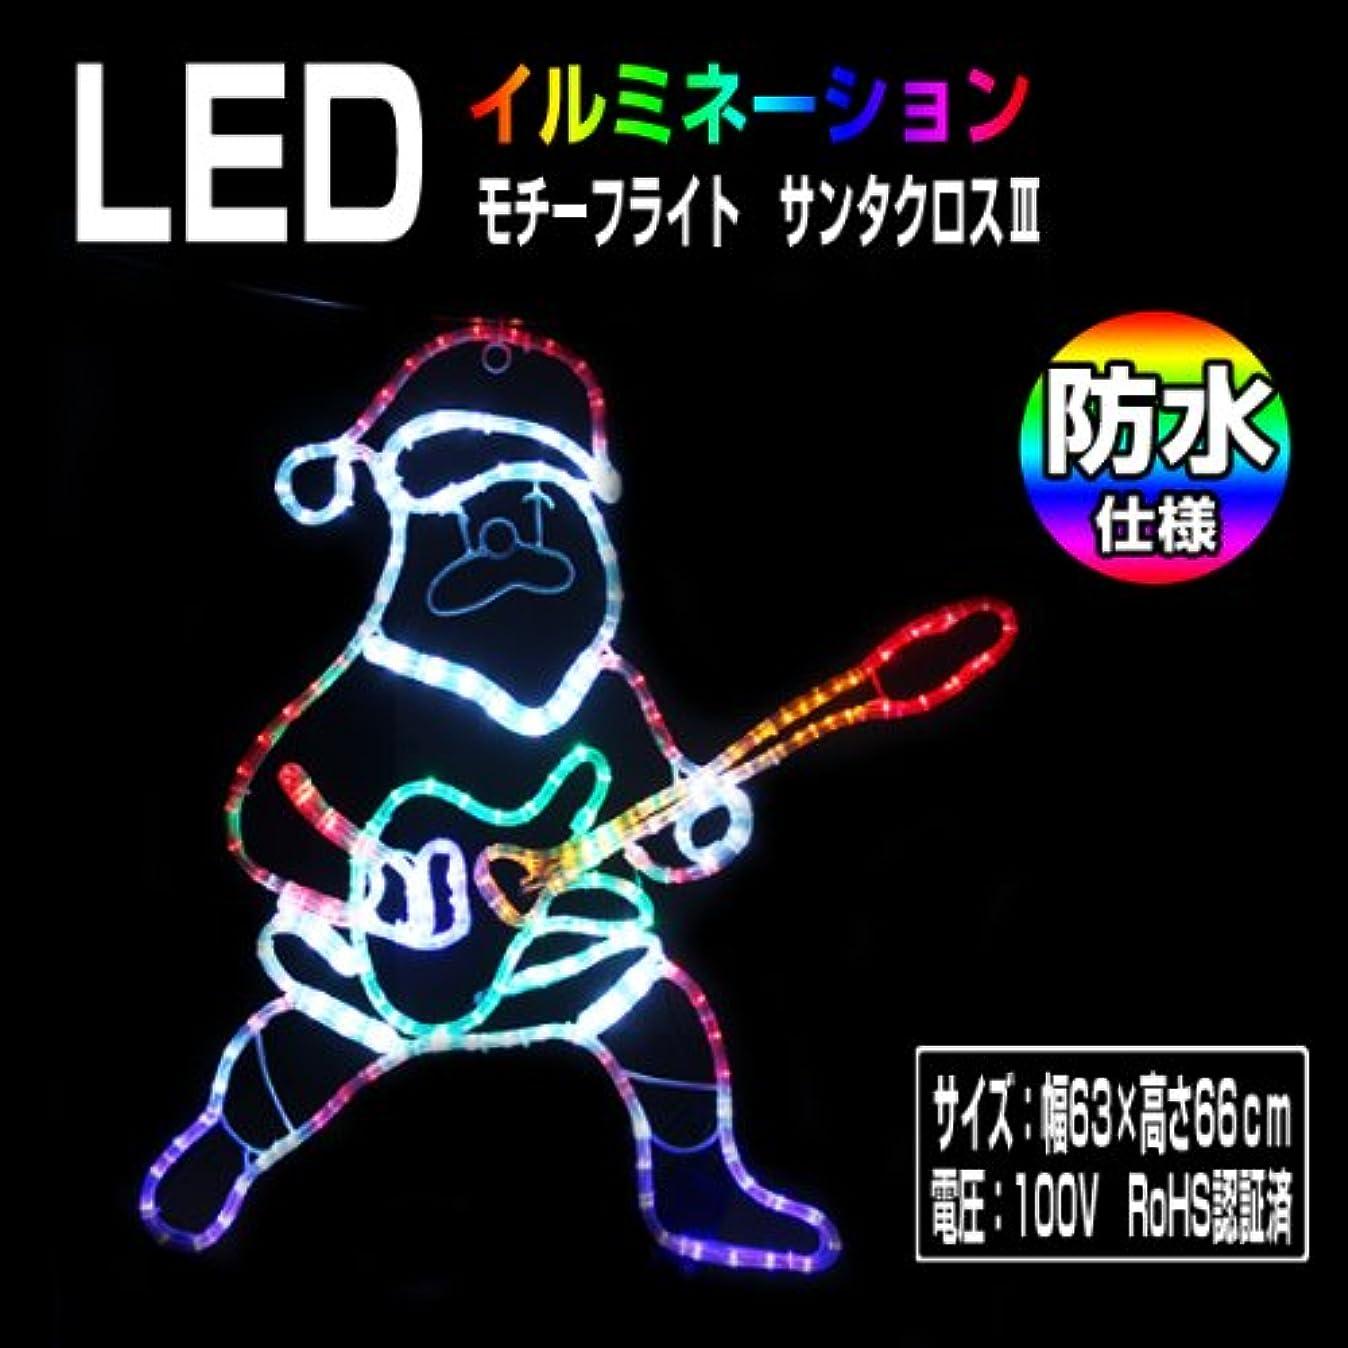 隣接するさわやか面積電光ホーム クリスマス モチーフ ライト サンタクロース ギターを弾くサンタさん LED チューブライト LEDイルミネーション モチーフ クリスマス サンタクロース 2D モチーフ LED クリスマス